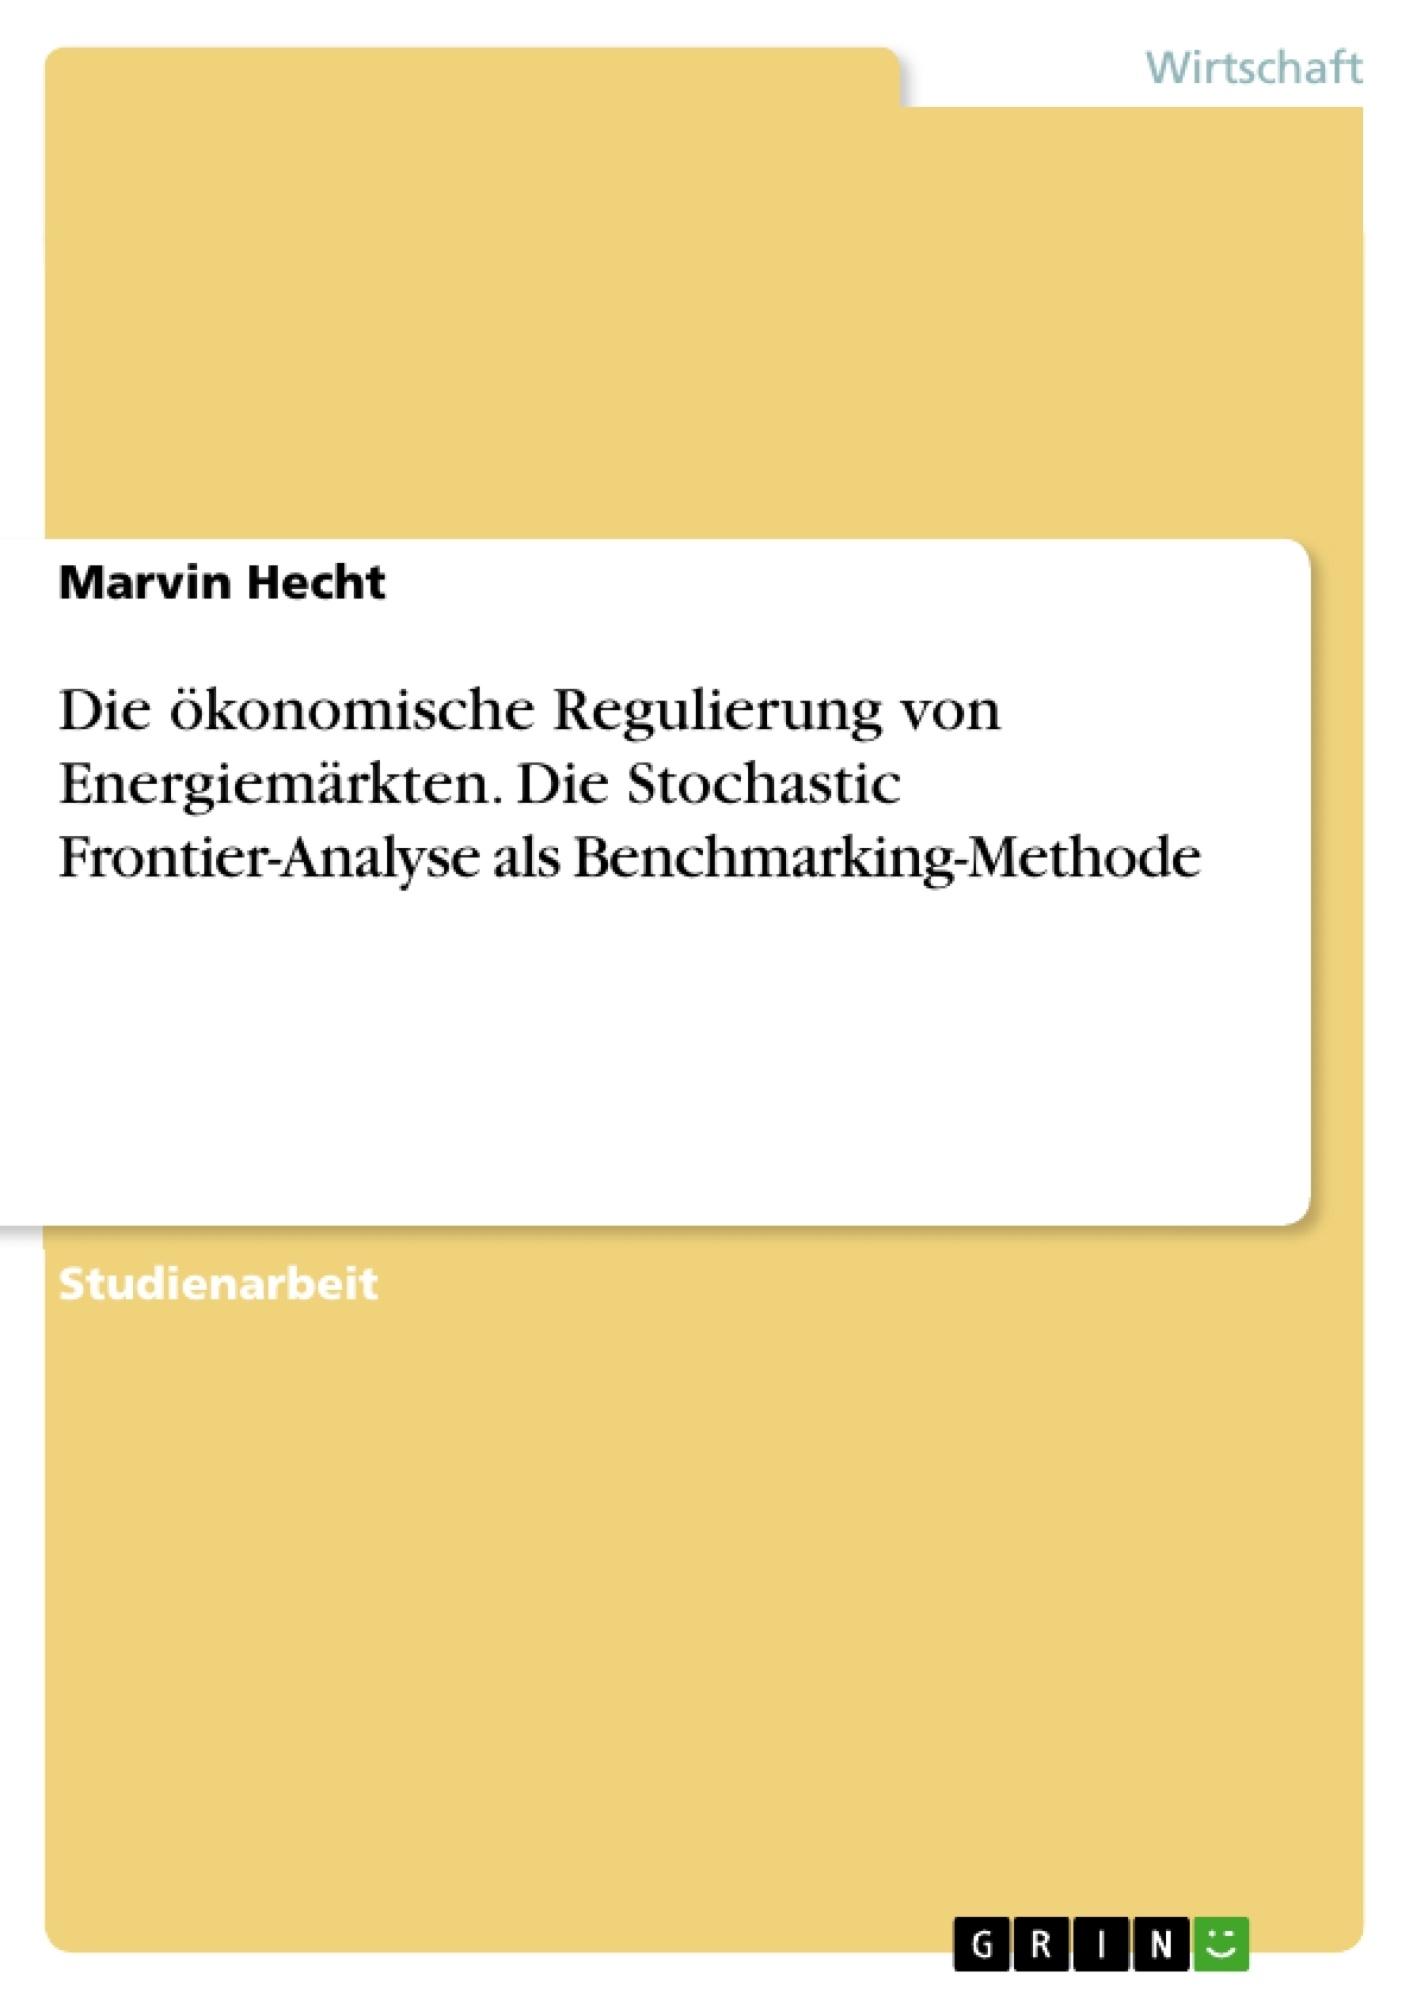 Titel: Die ökonomische Regulierung von Energiemärkten. Die Stochastic Frontier-Analyse als Benchmarking-Methode